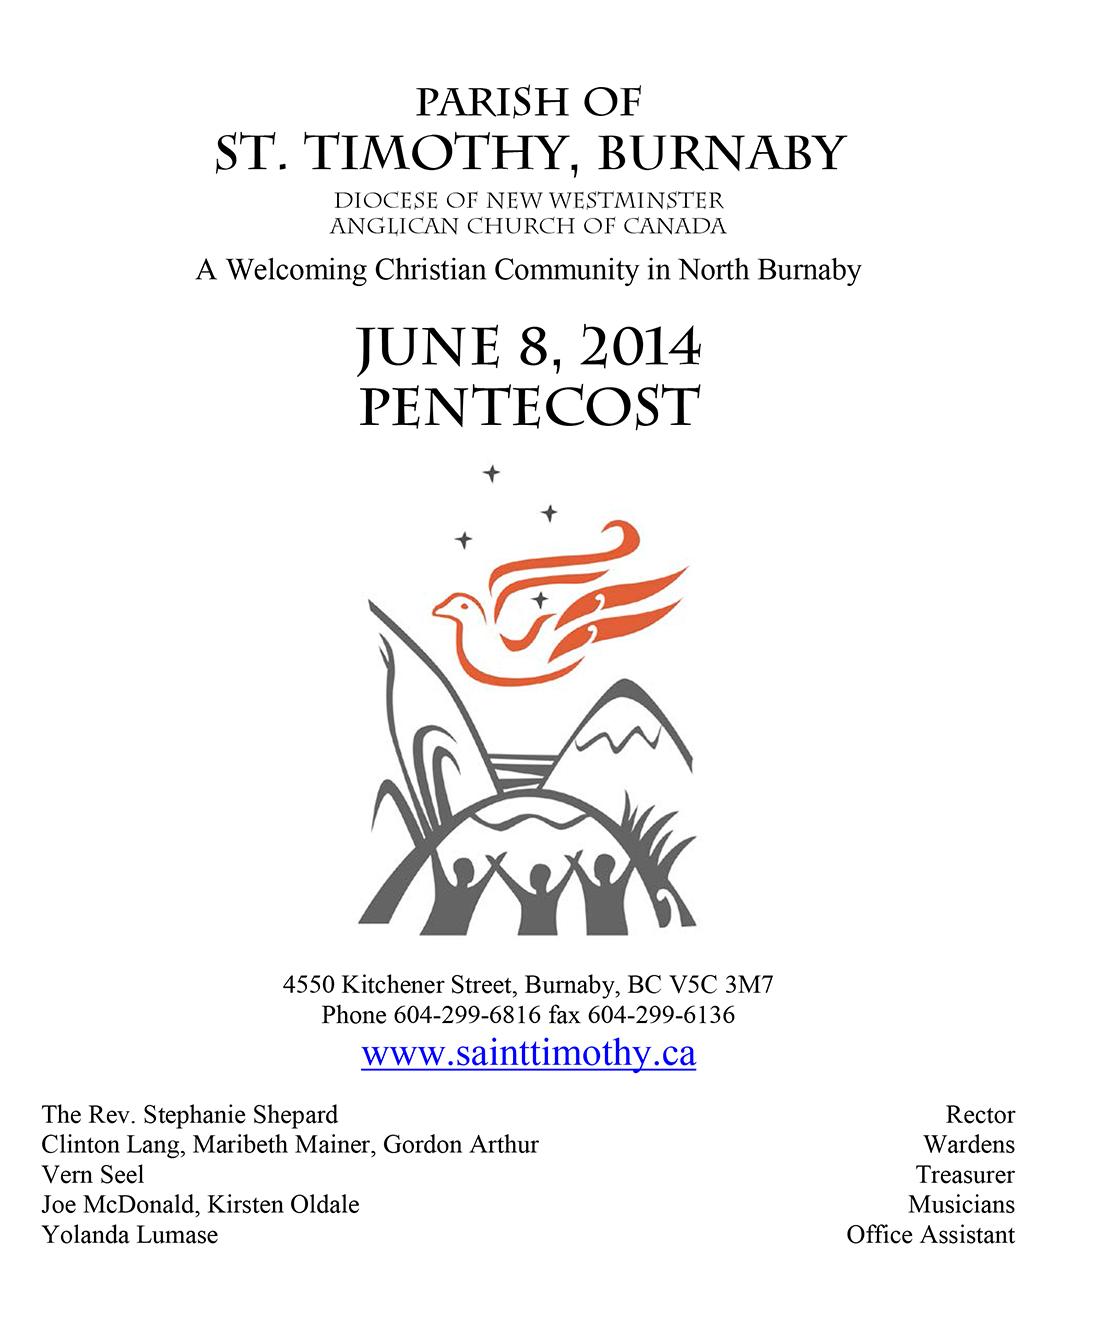 Bulletin: June 8, 2014